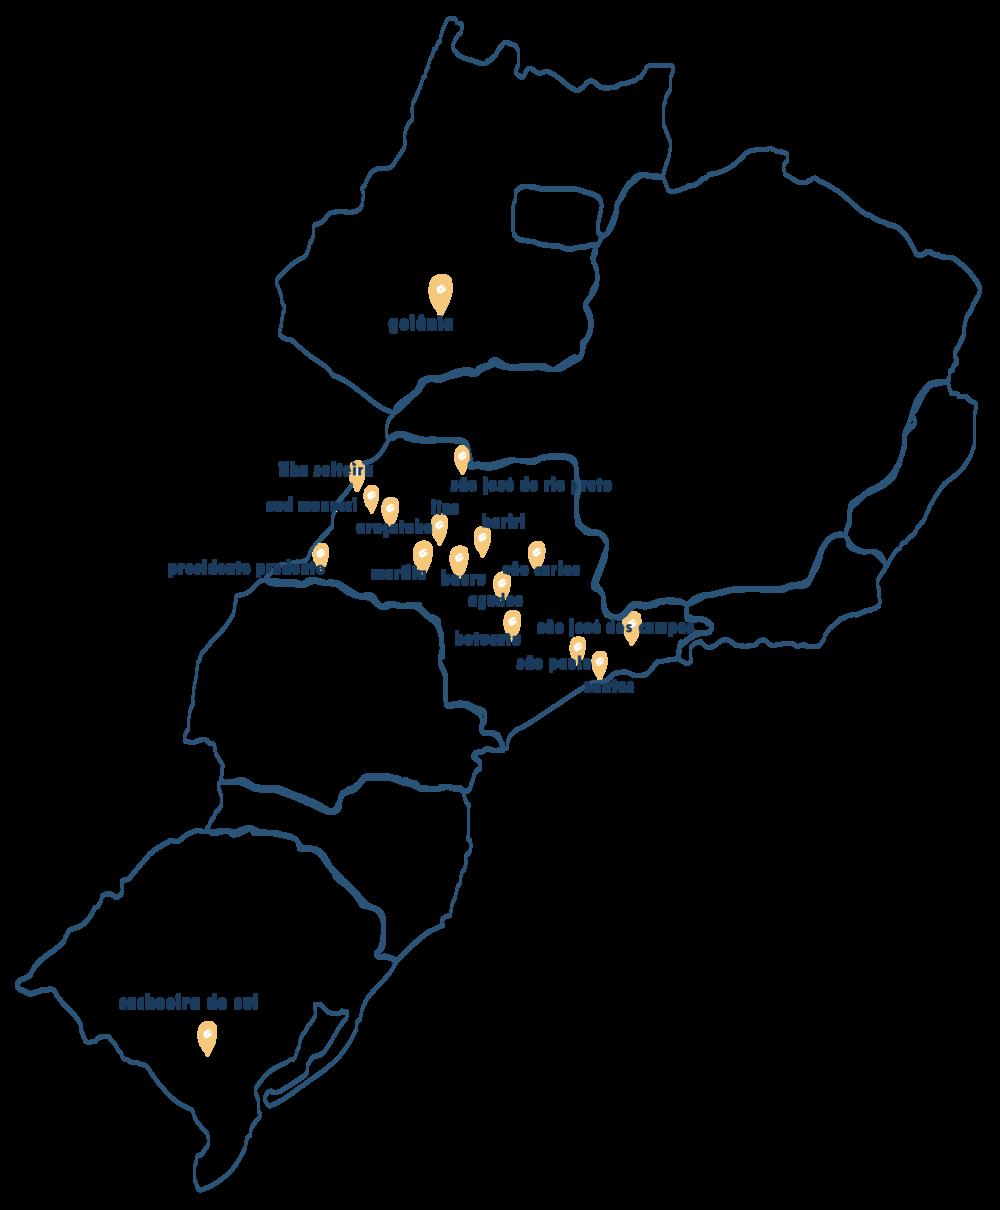 Por onde já passamos - Trabalhos realizados em parceria com o SESC e Oficinas Culturais